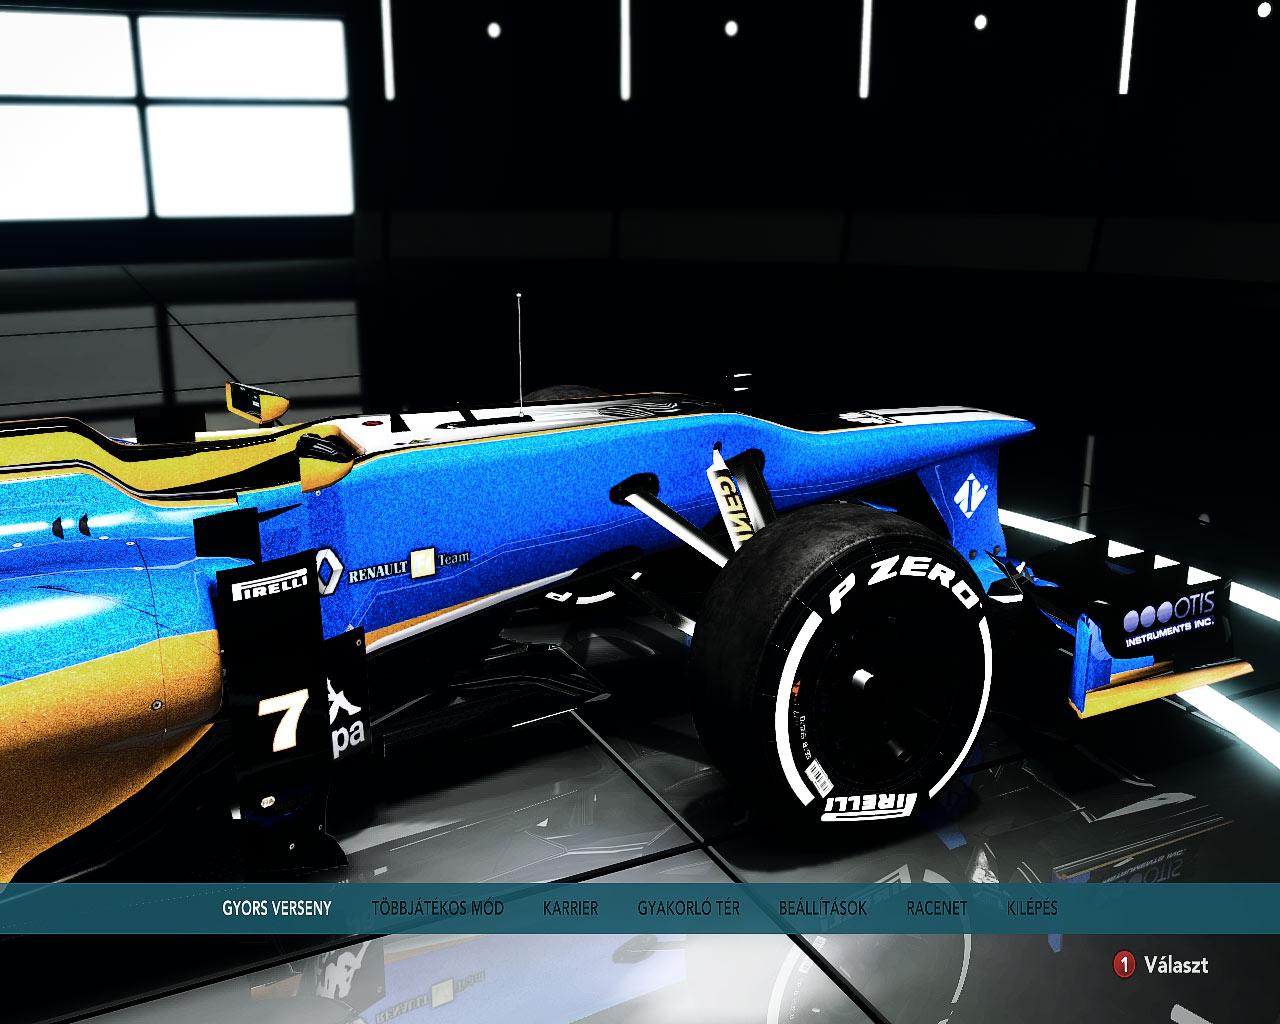 Screenshot2RD.jpg